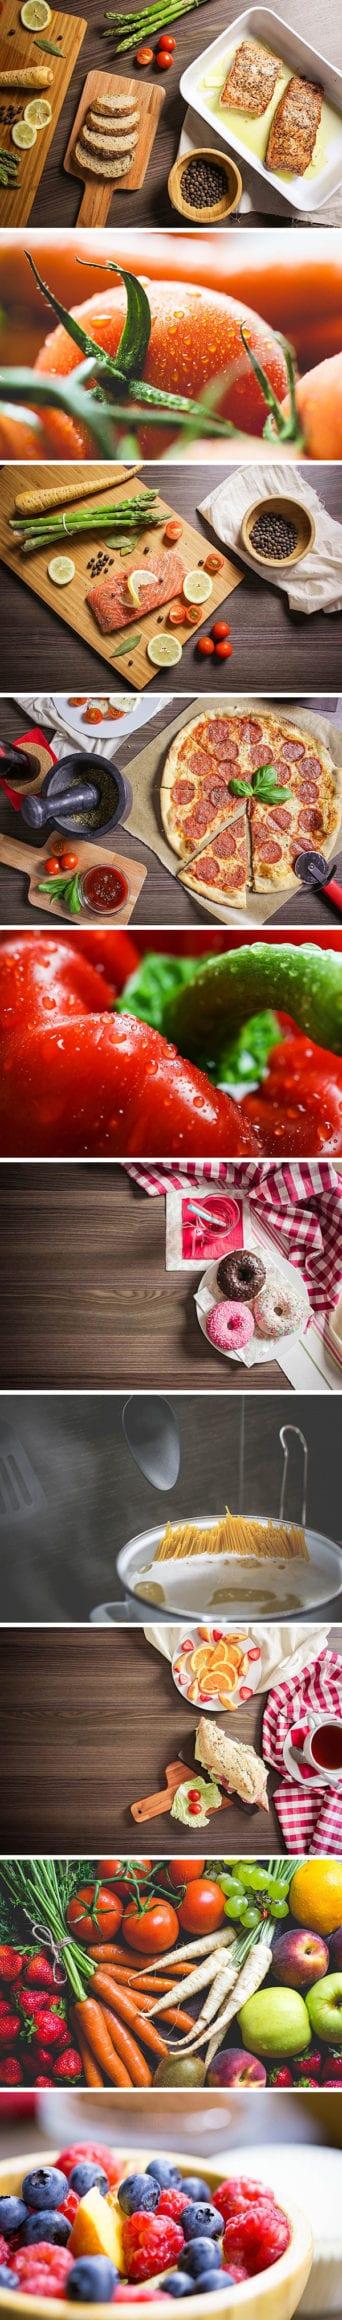 food-photos-600